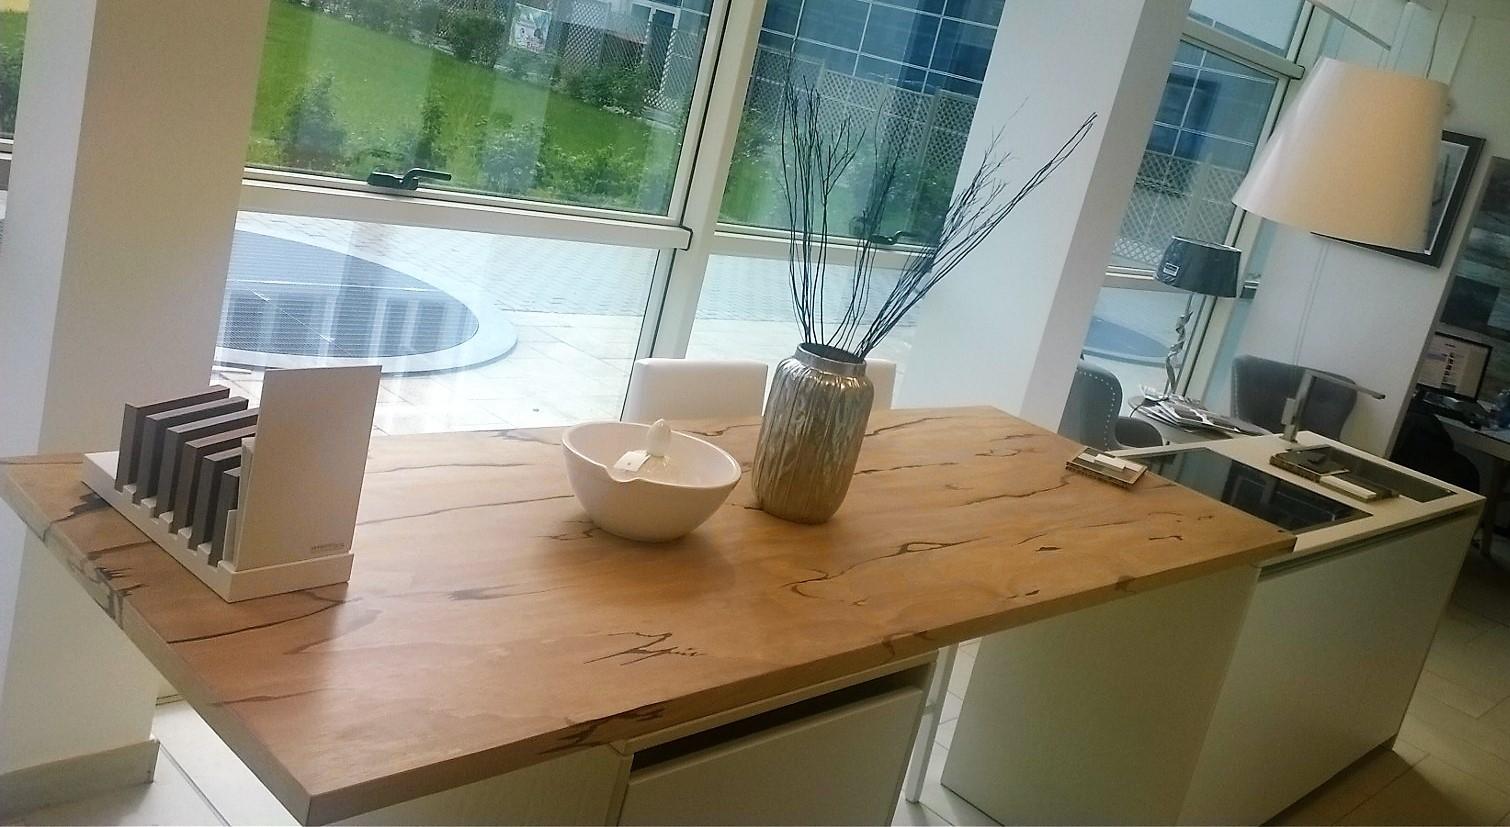 Cucina spagnol cucine mobili vivere italia moderno laccate opaco bianca cucine a prezzi scontati - Cucina mobili prezzi ...